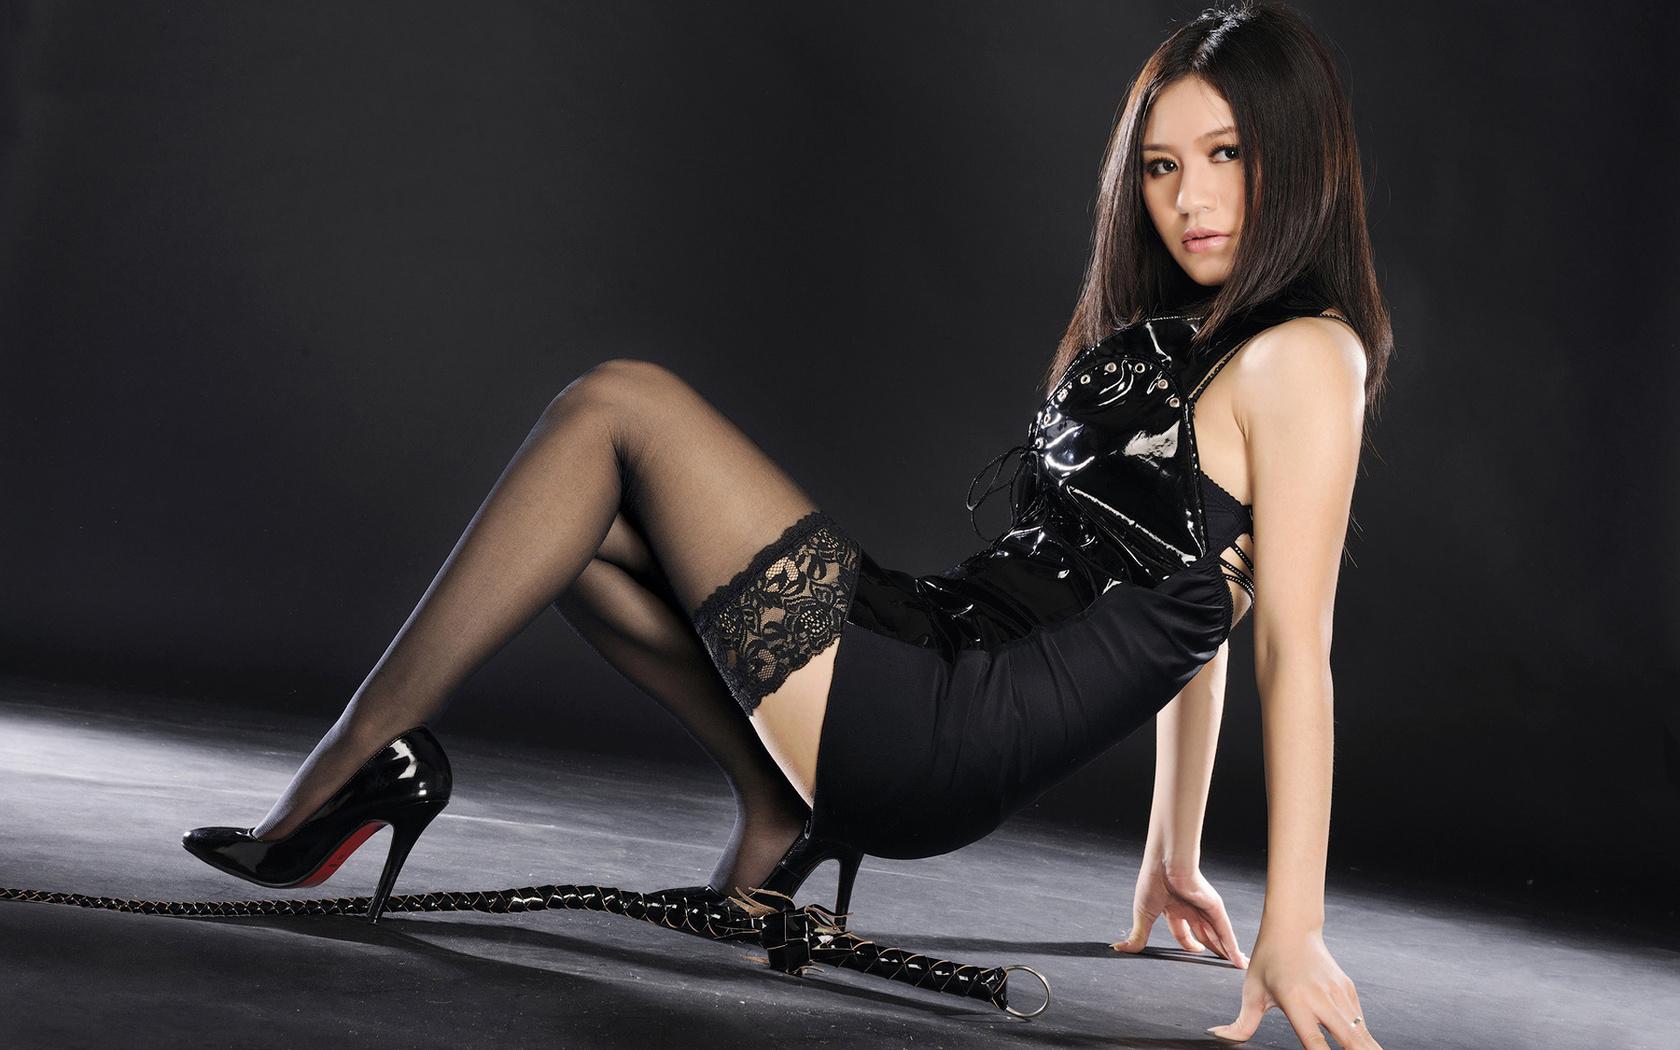 Смотреть картинки красивых девушек азиаток 17 фотография